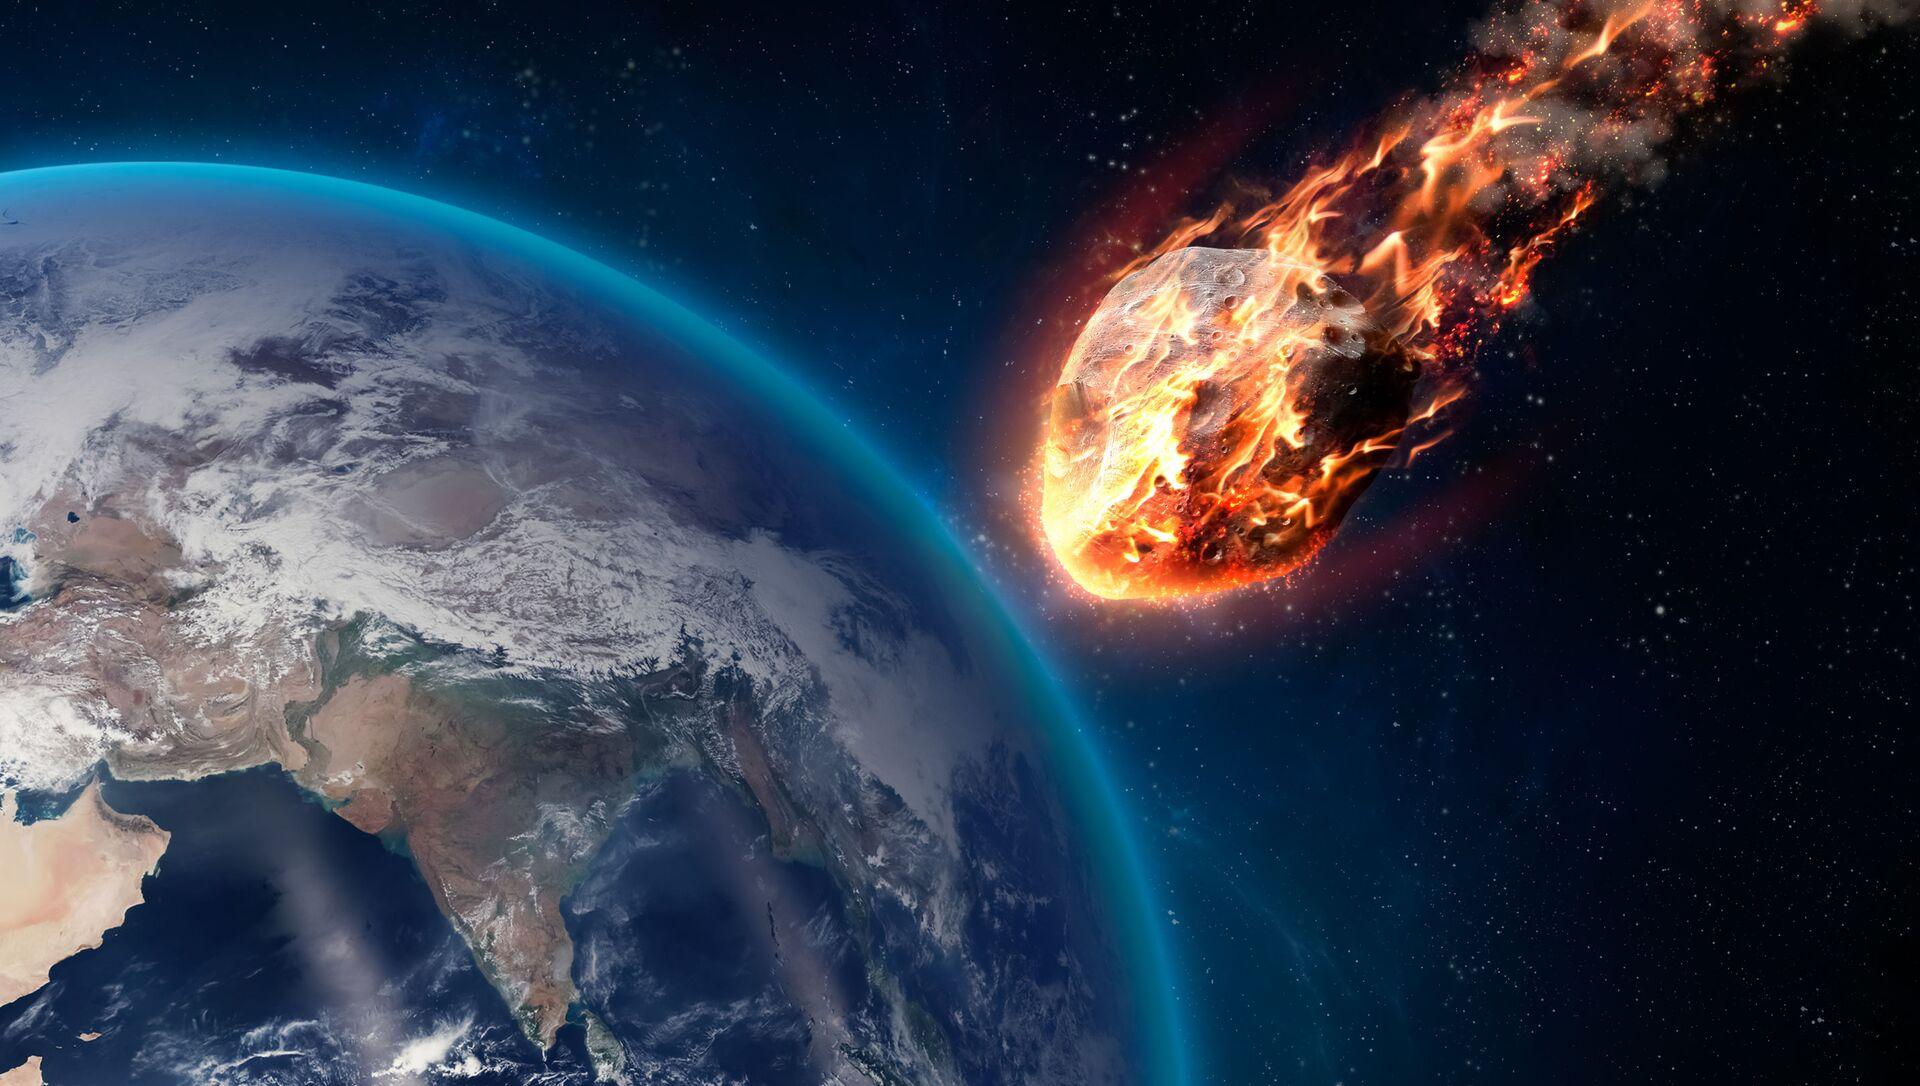 Hořící meteorit při průchodu atmosférou Země - Sputnik Česká republika, 1920, 10.03.2021